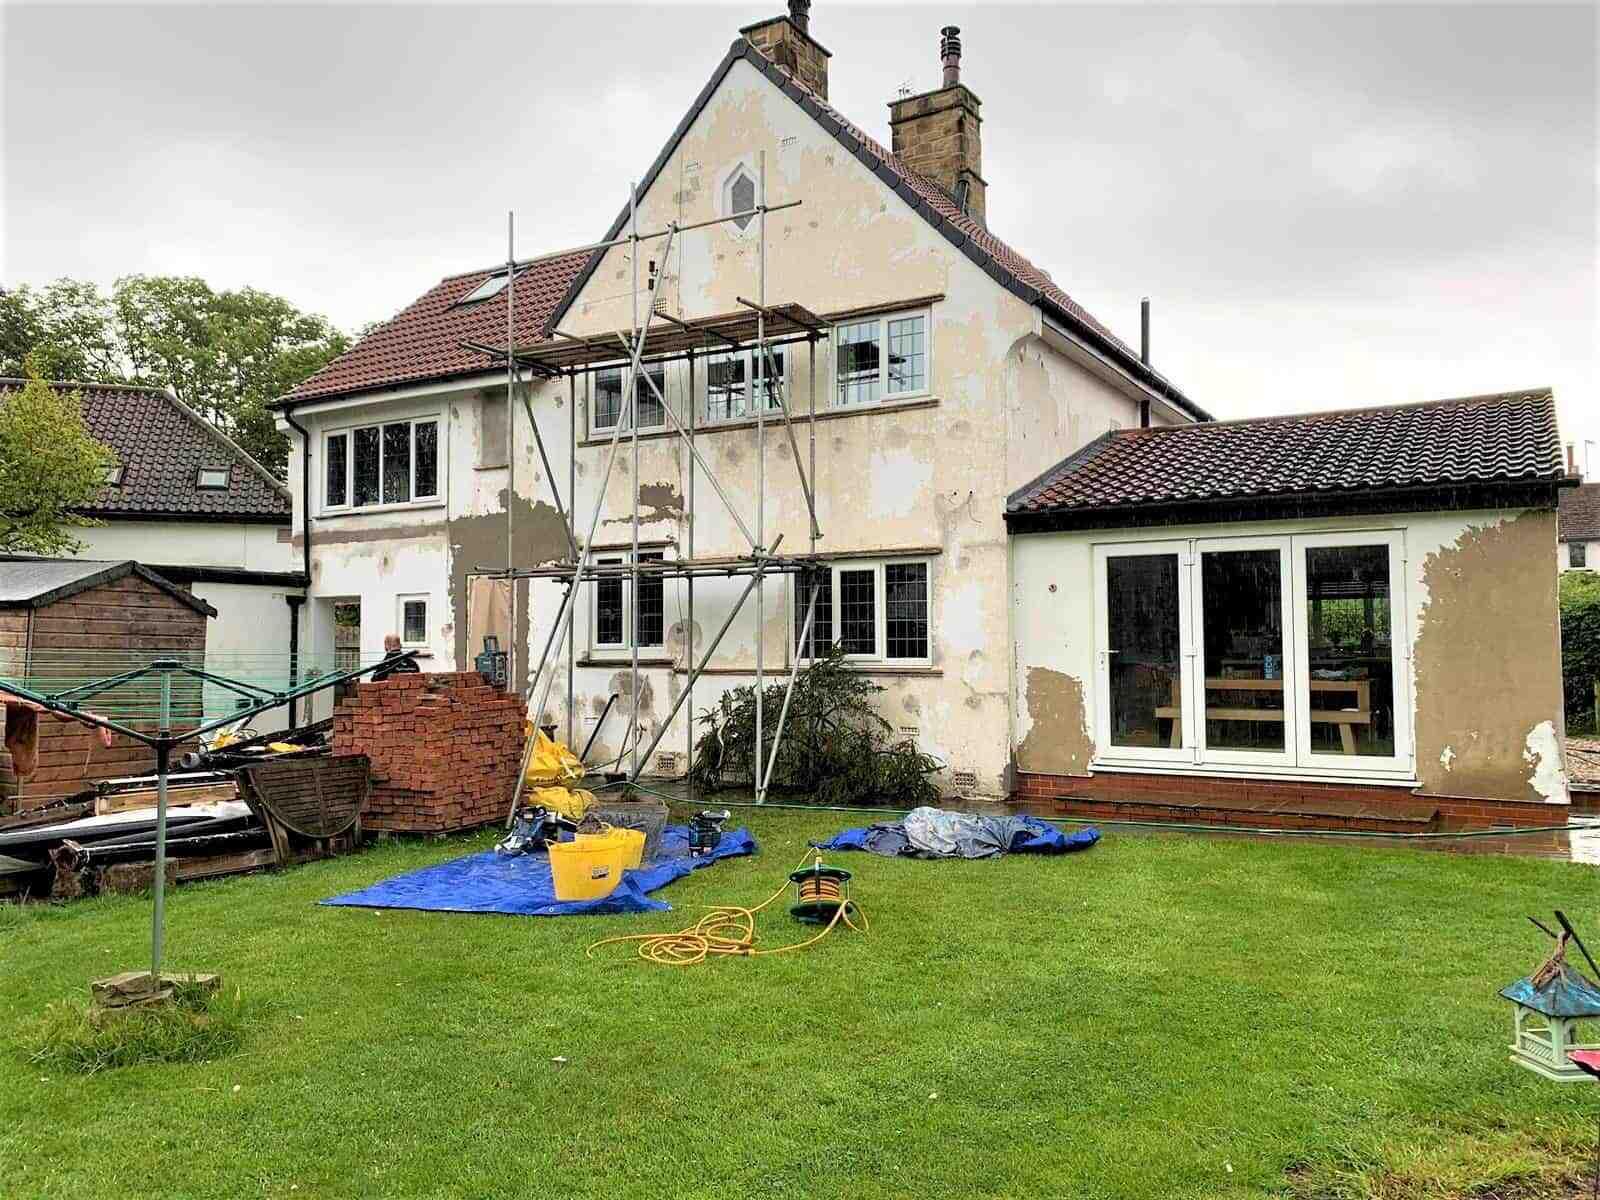 rendered-house-harrogate-yorkshire-repairs